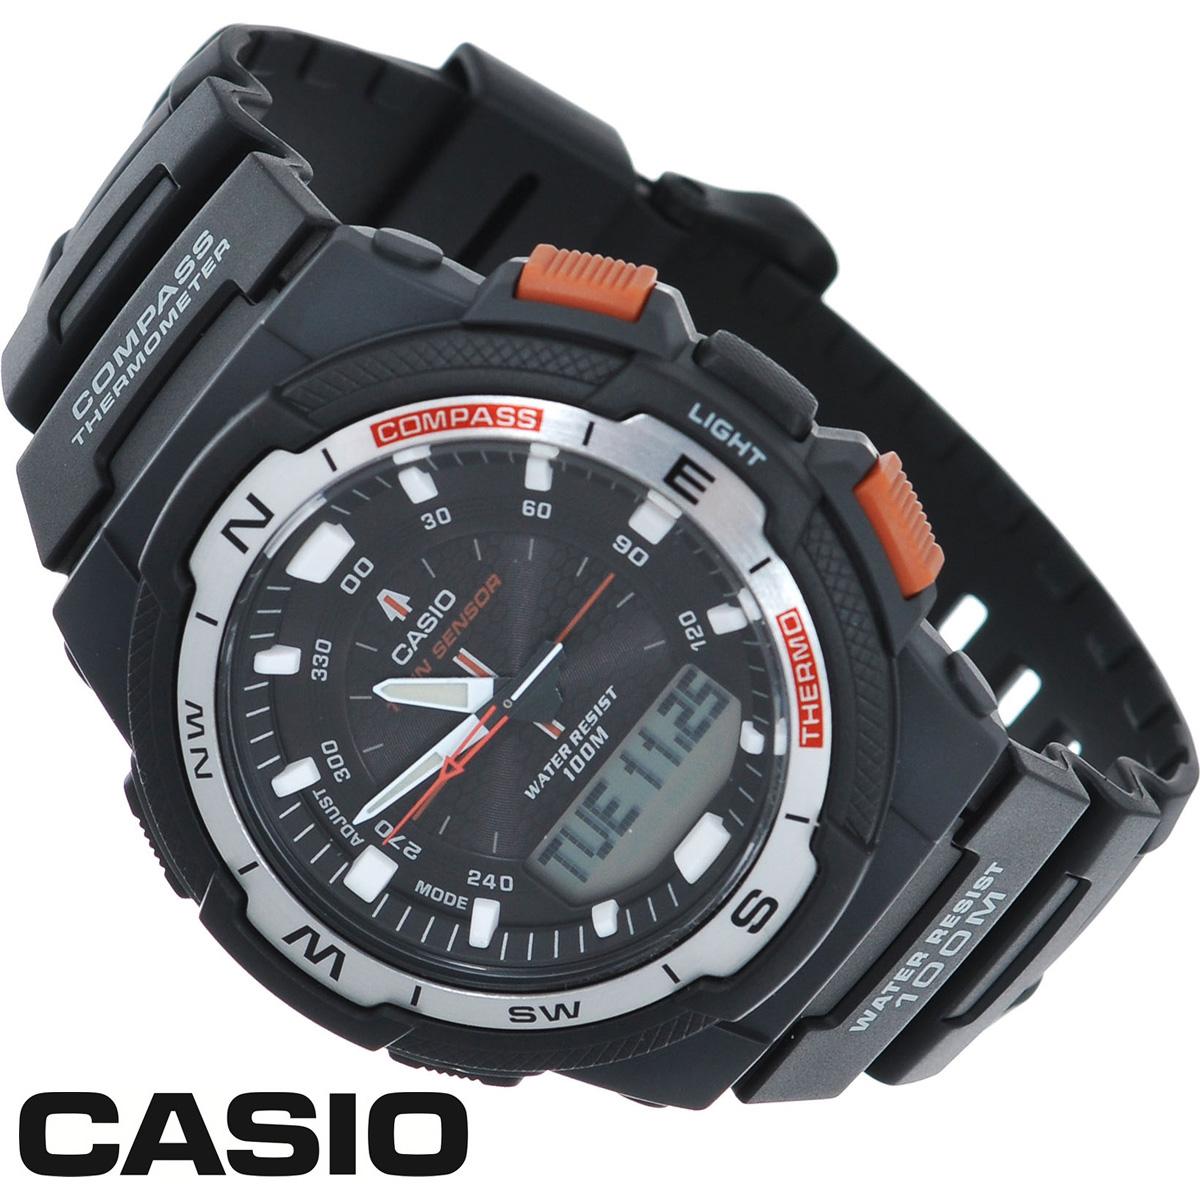 Часы мужские наручные Casio, цвет: черный, оранжевый. SGW-500H-1BSGW-500H-1BСтильные многофункциональные часы от японского брэнда Casio - это яркий функциональный аксессуар для современных людей, которые стремятся выделиться из толпы и подчеркнуть свою индивидуальность. Часы выполнены в спортивном стиле. Электронные часы оснащены японским кварцевым механизмом. Корпус часов изготовлен из пластика и имеет алюминиевый безель. Циферблат оснащен тремя стрелками и подсвечивается светодиодом. Ремешок из пластика имеет классическую застежку. Основные функции: - 5 будильников, ежечасный сигнал; - встроенный датчик температур от -10° до +60°С с точностью 0,1°C; - автоматический календарь (число, месяц, день недели, год); - встроенный цифровой компас; - секундомер с точностью показаний 1/100 с, время измерения 24 ч; - 12-ти и 24-х часовой формат времени; - таймер обратного отсчета от 1 мин до 100 мин; - функция включения/отключения звука; - ...